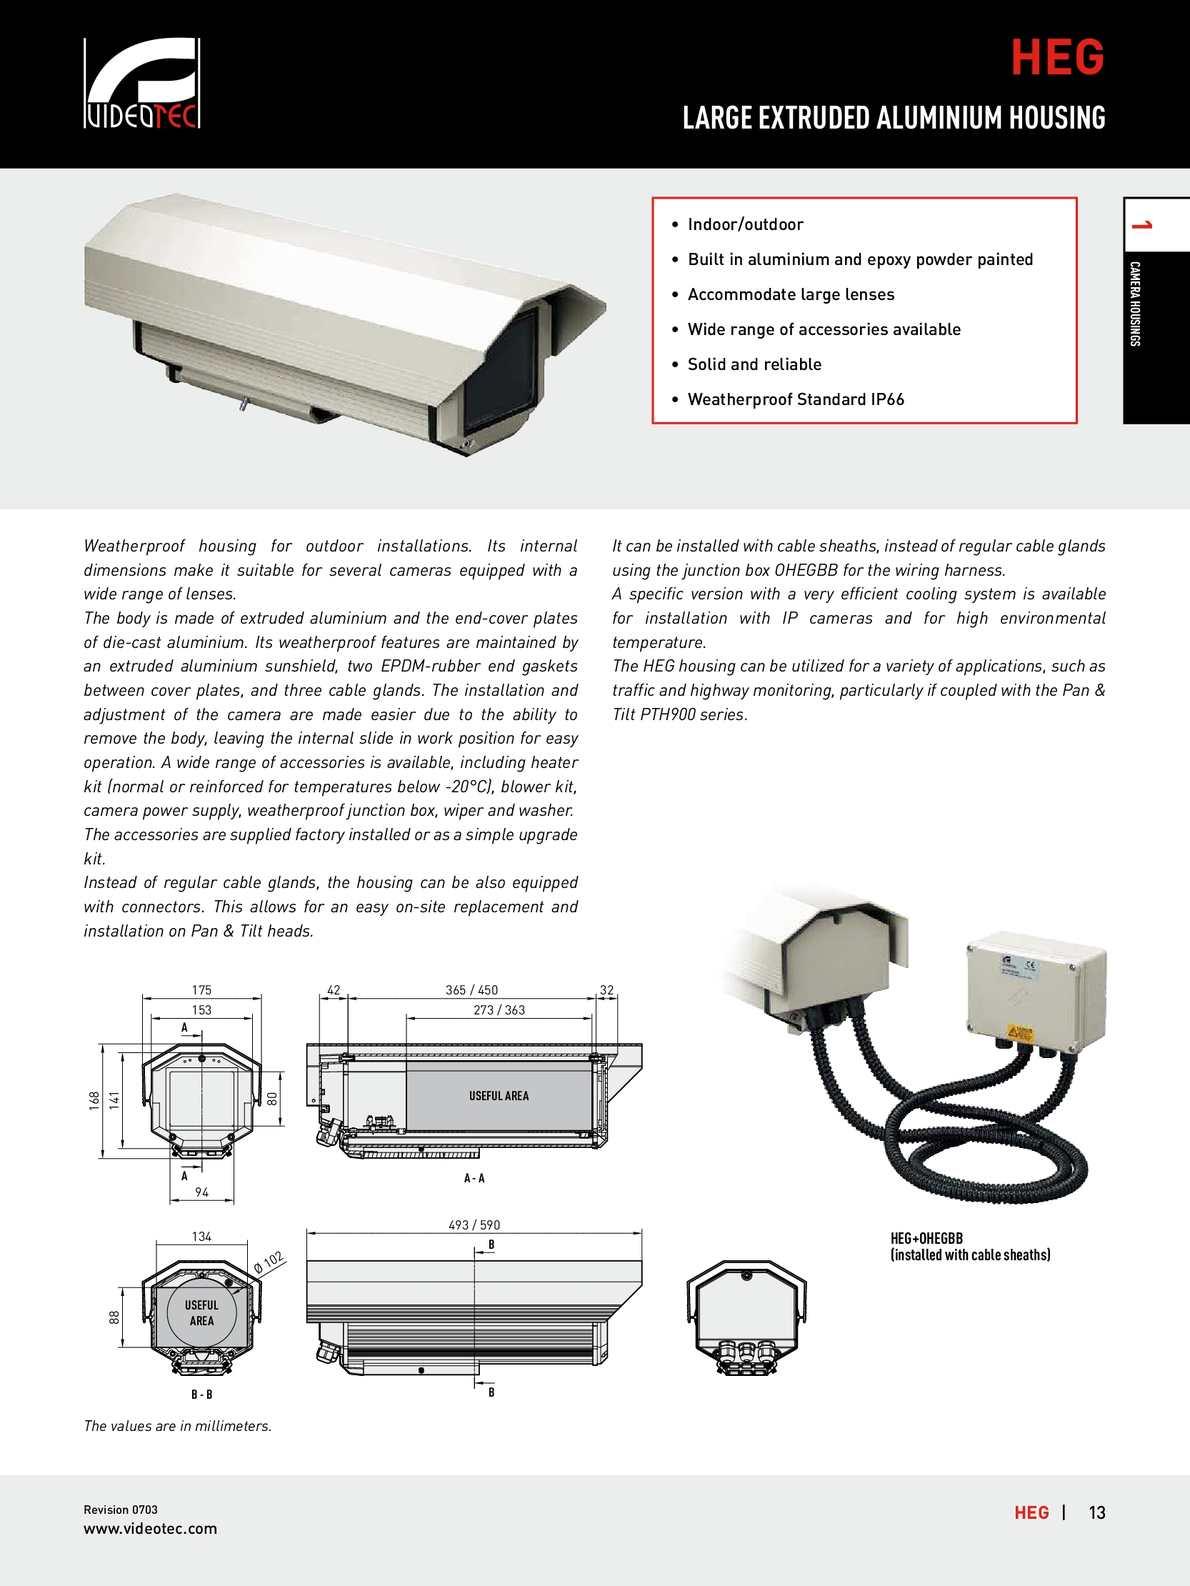 Calamo 04 Heg En 0703 Ip Wiring Harness